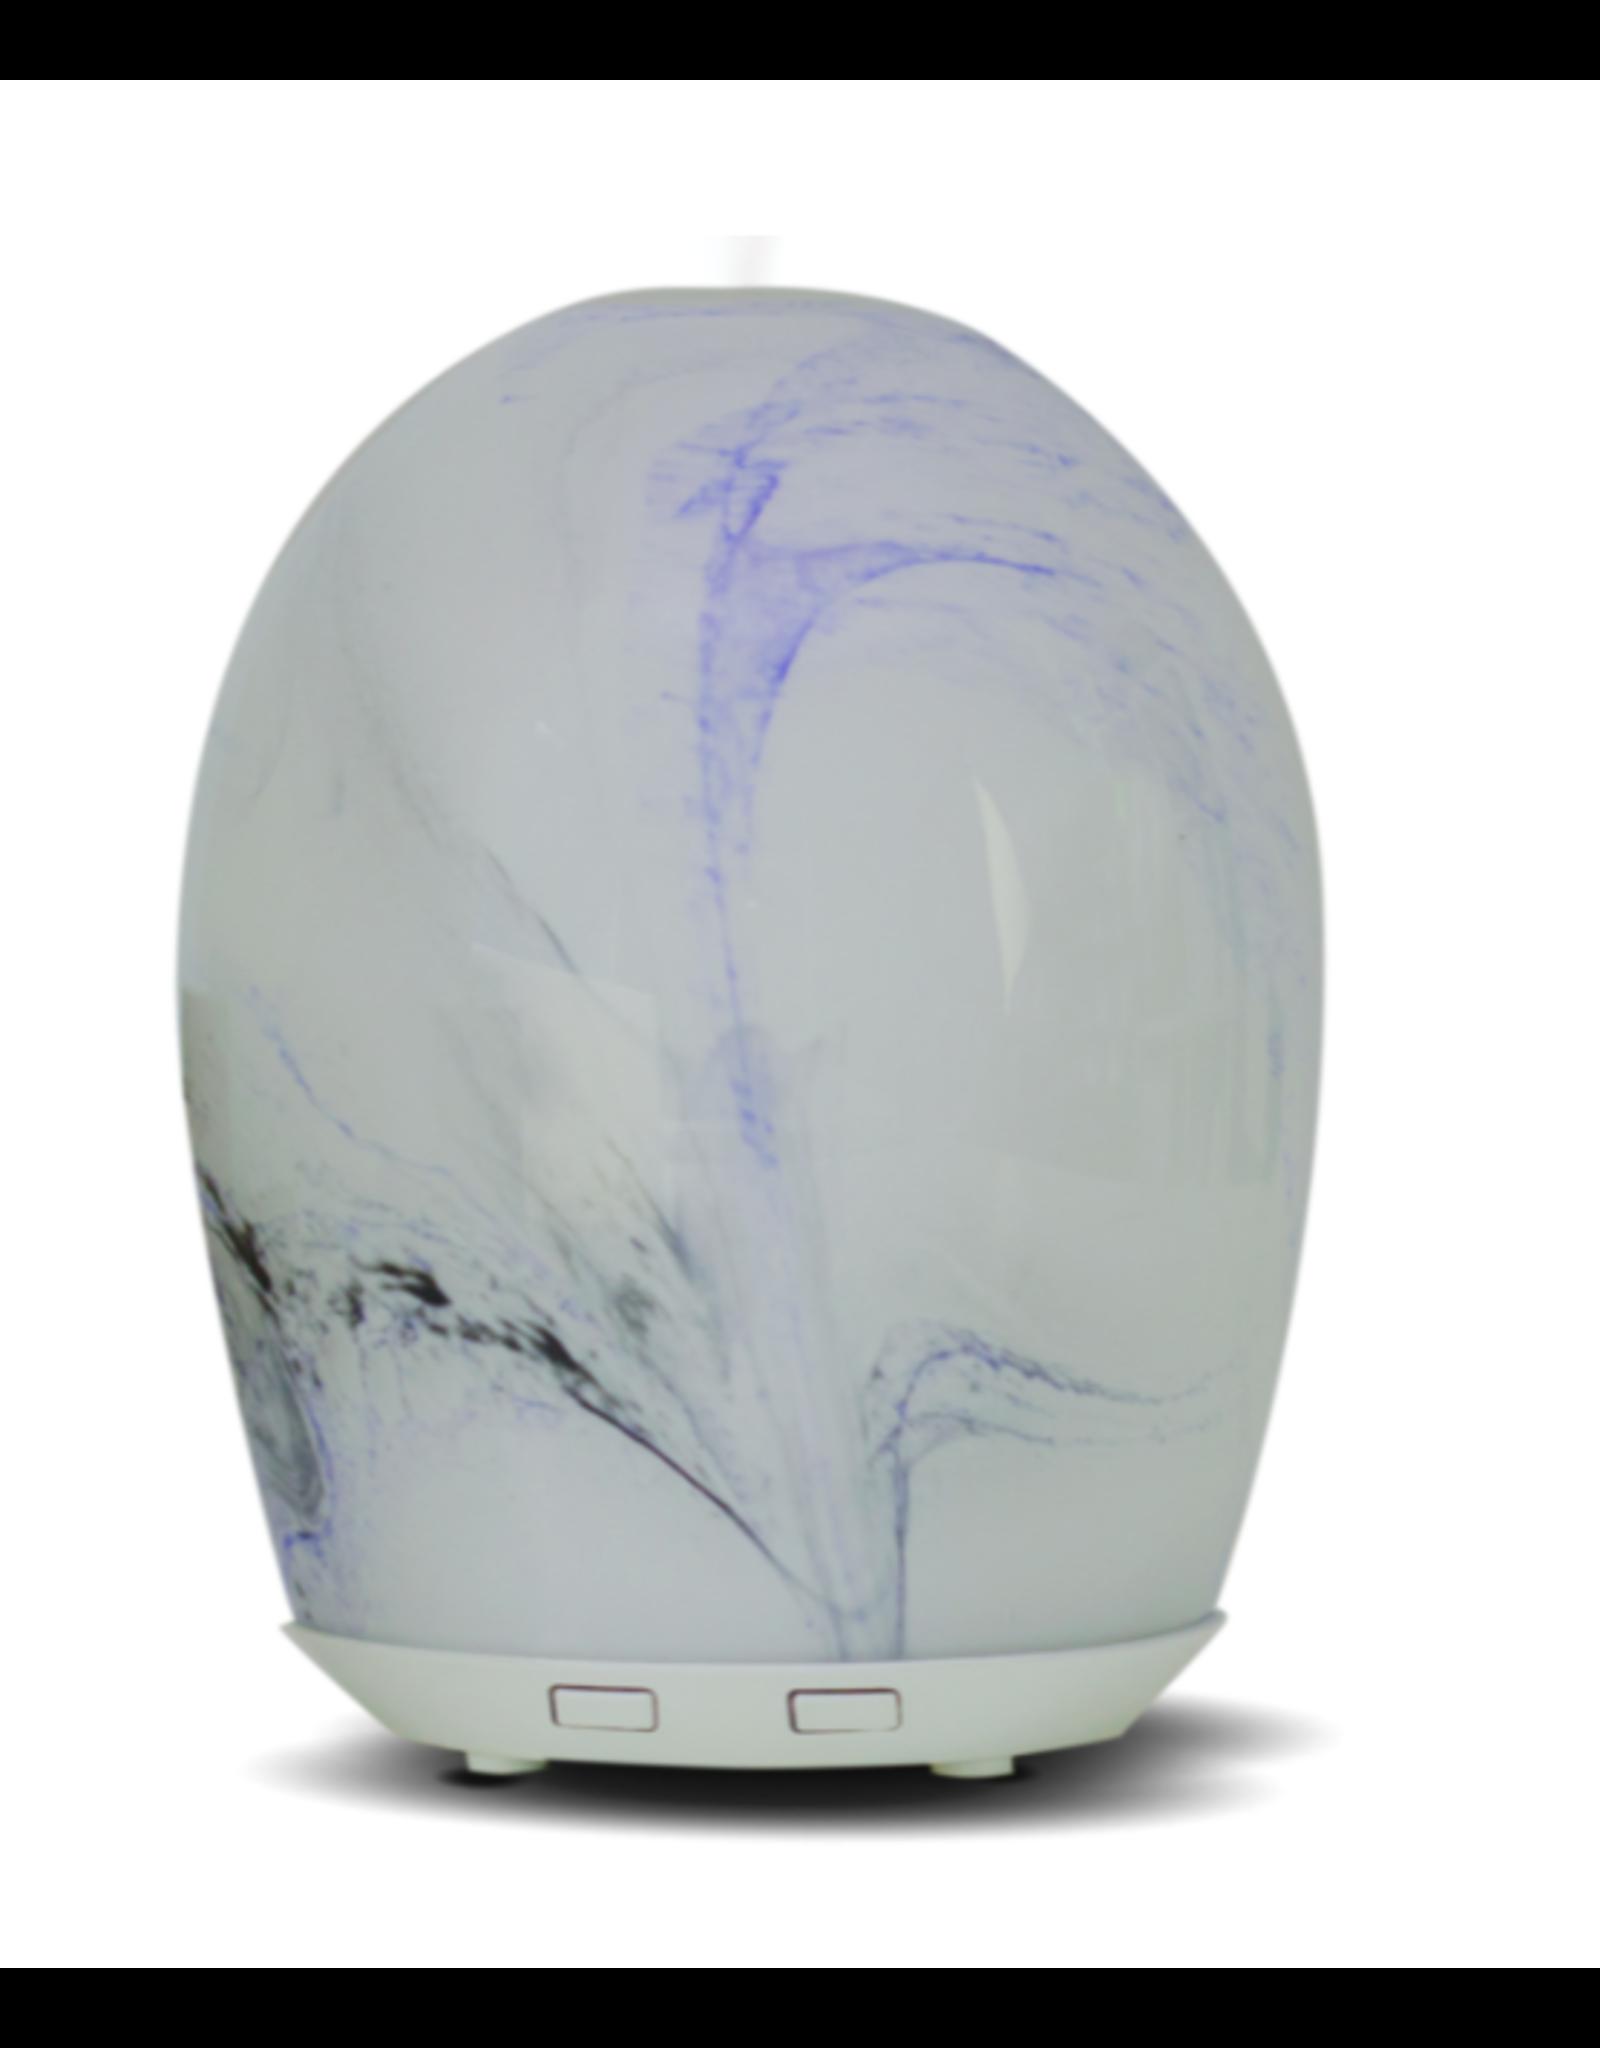 Greenair White Marble Diffuser